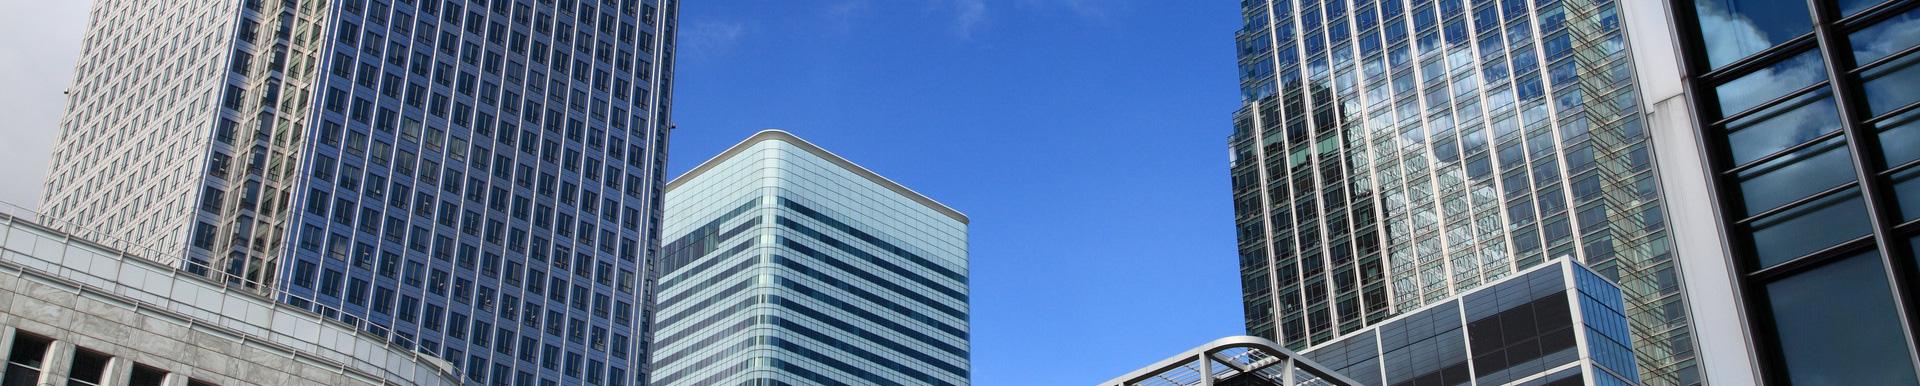 南京爱斯利尔环保设备工程有限公司